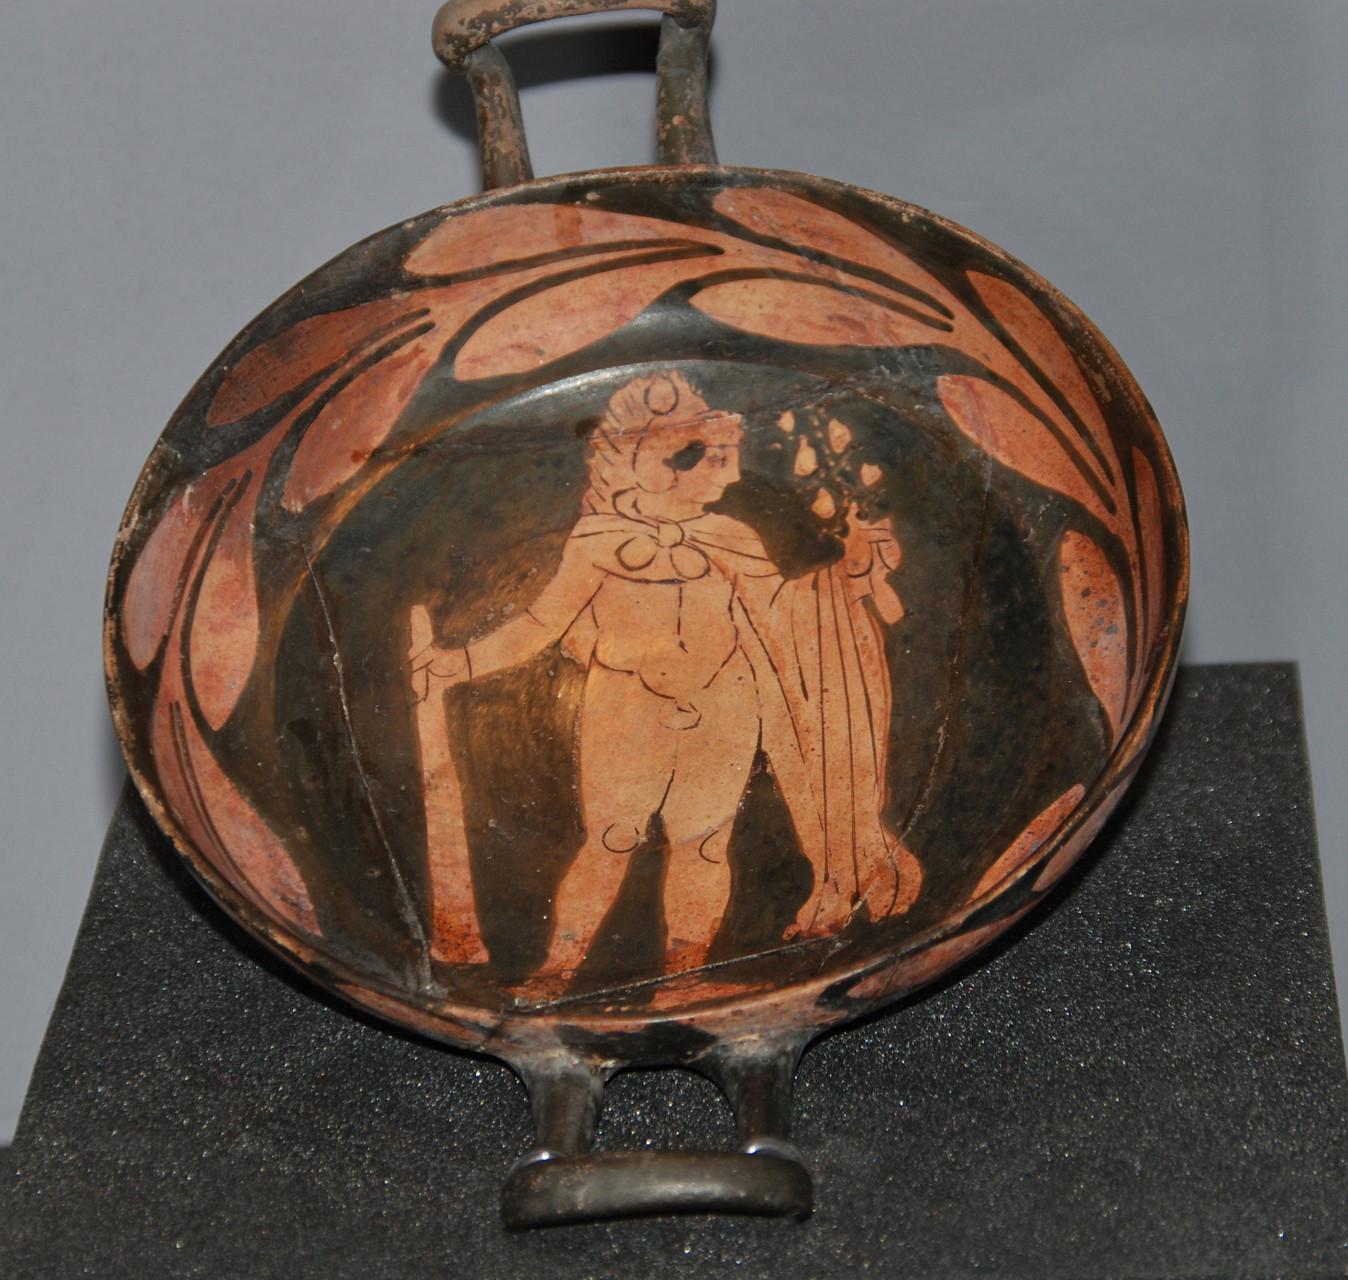 Vase à boire en terre cuite revêtue d'un vernis noir, Italie méridionale, IVe siècle av. J.-C. / Photo Y. François